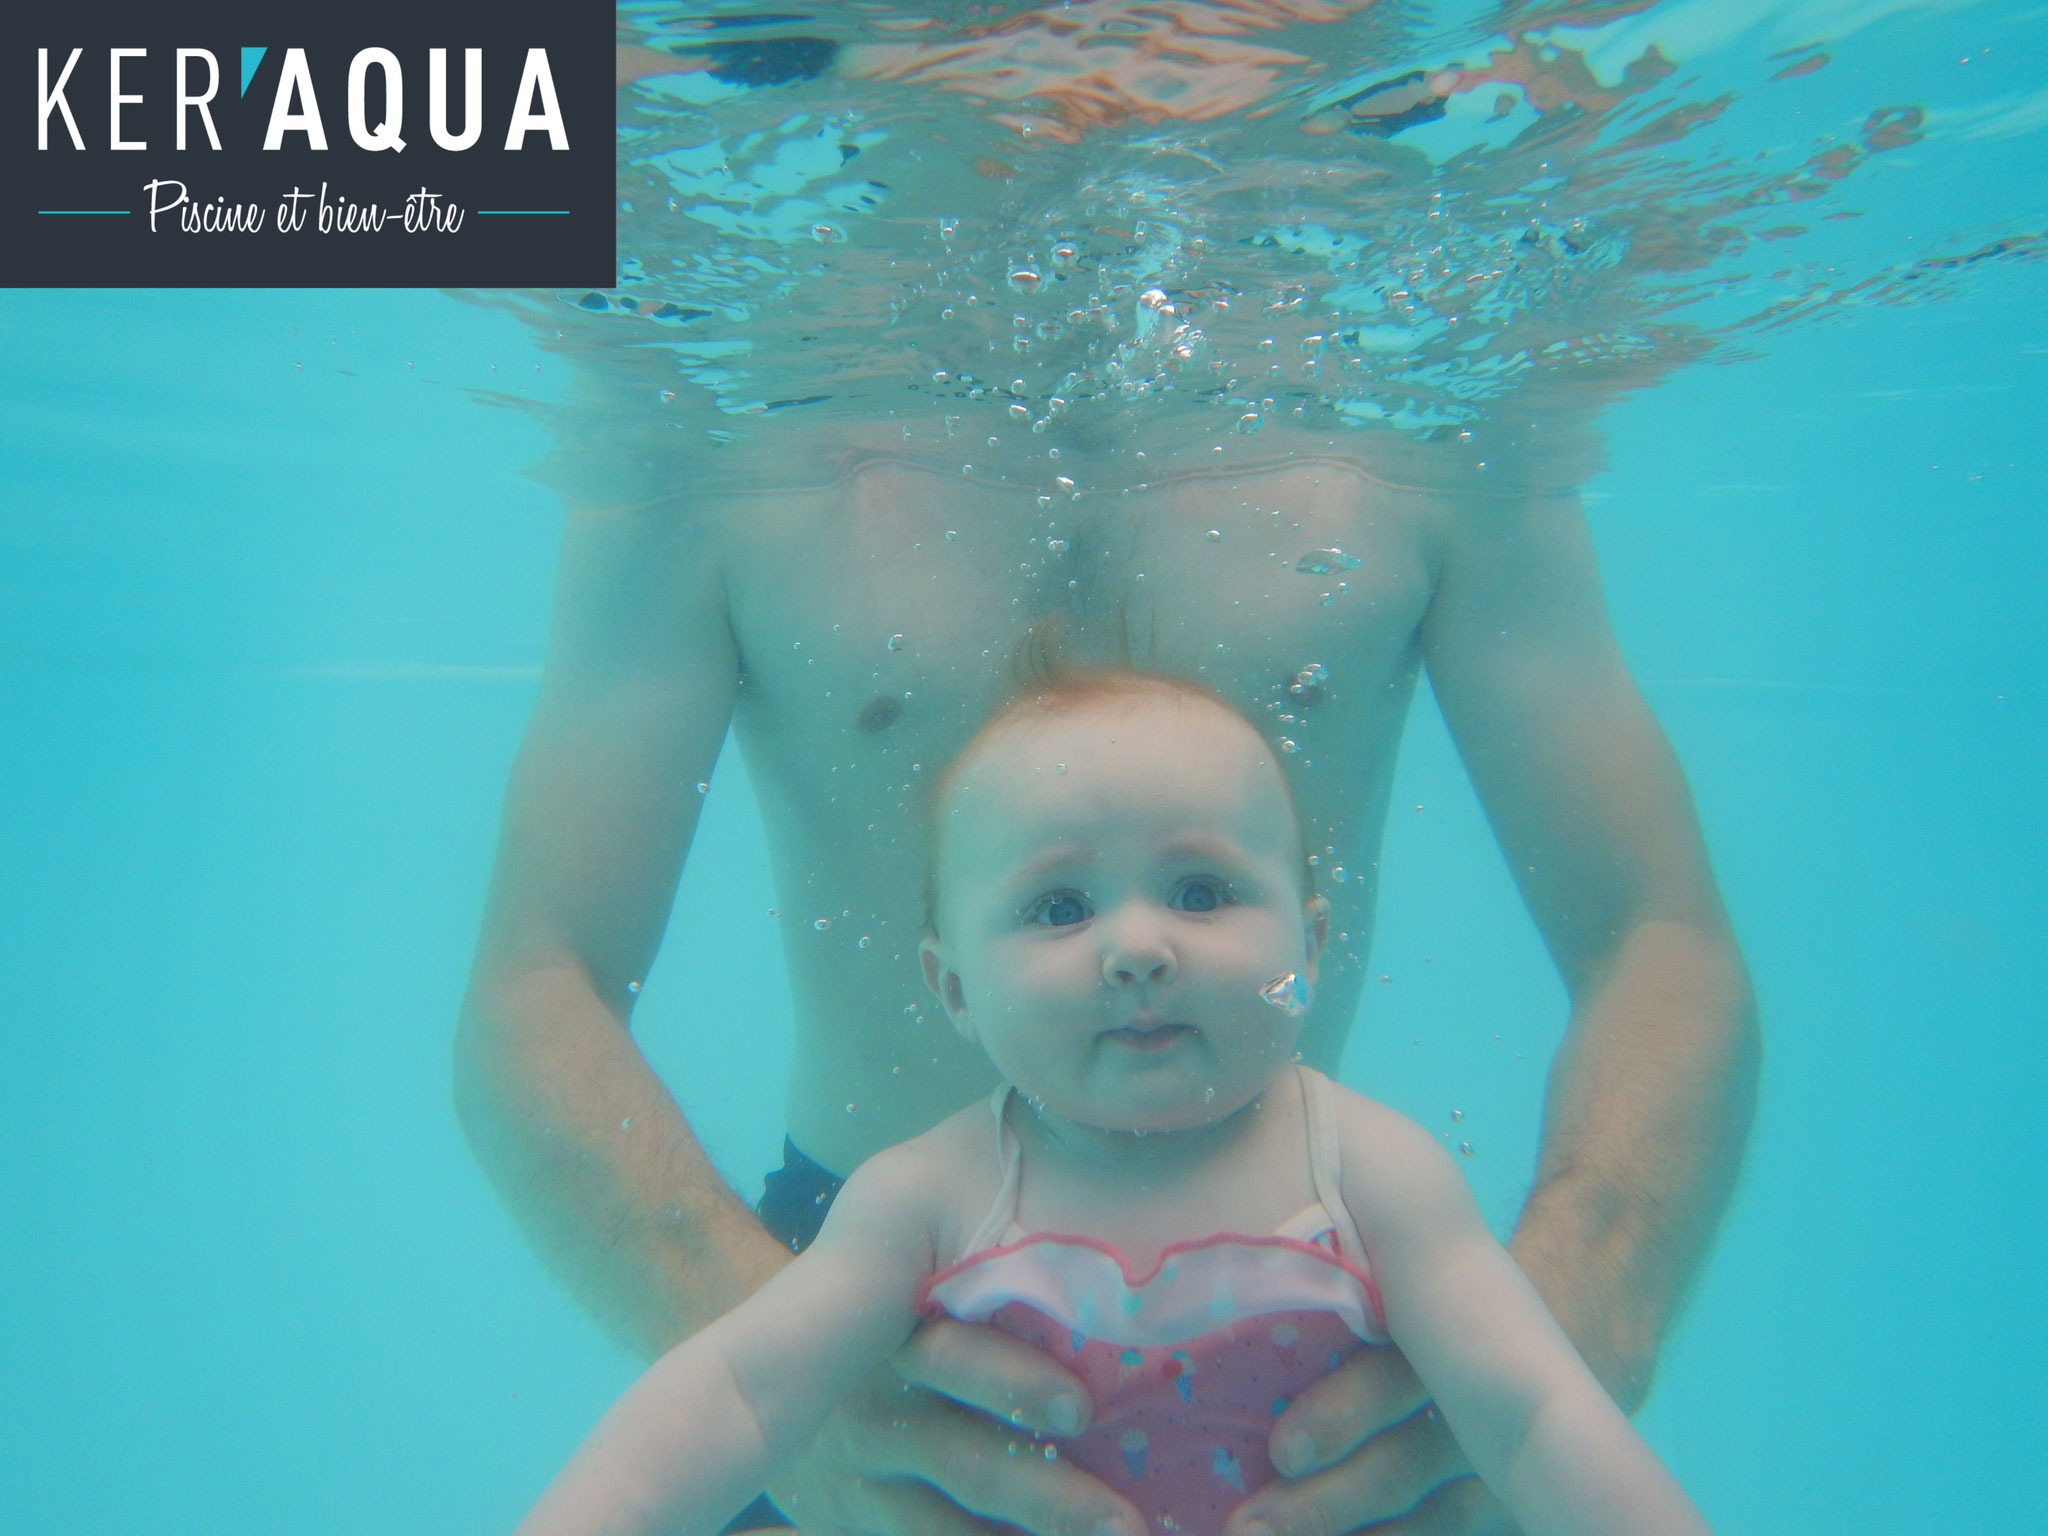 bébés nageurs keraqua